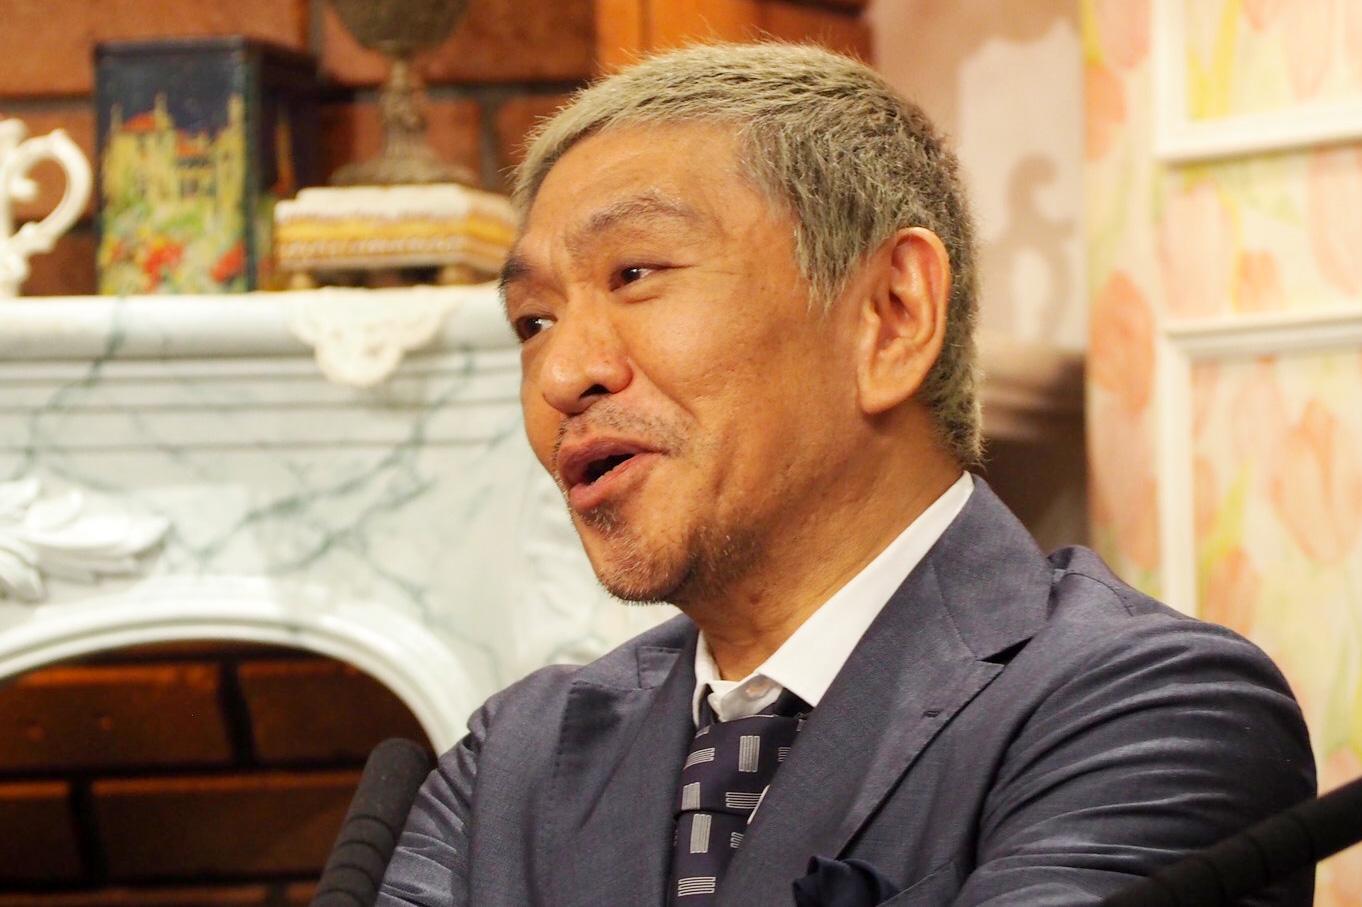 『探偵!ナイトスクープ』(ABCテレビ)新局長に就任したダウンタウン・松本人志